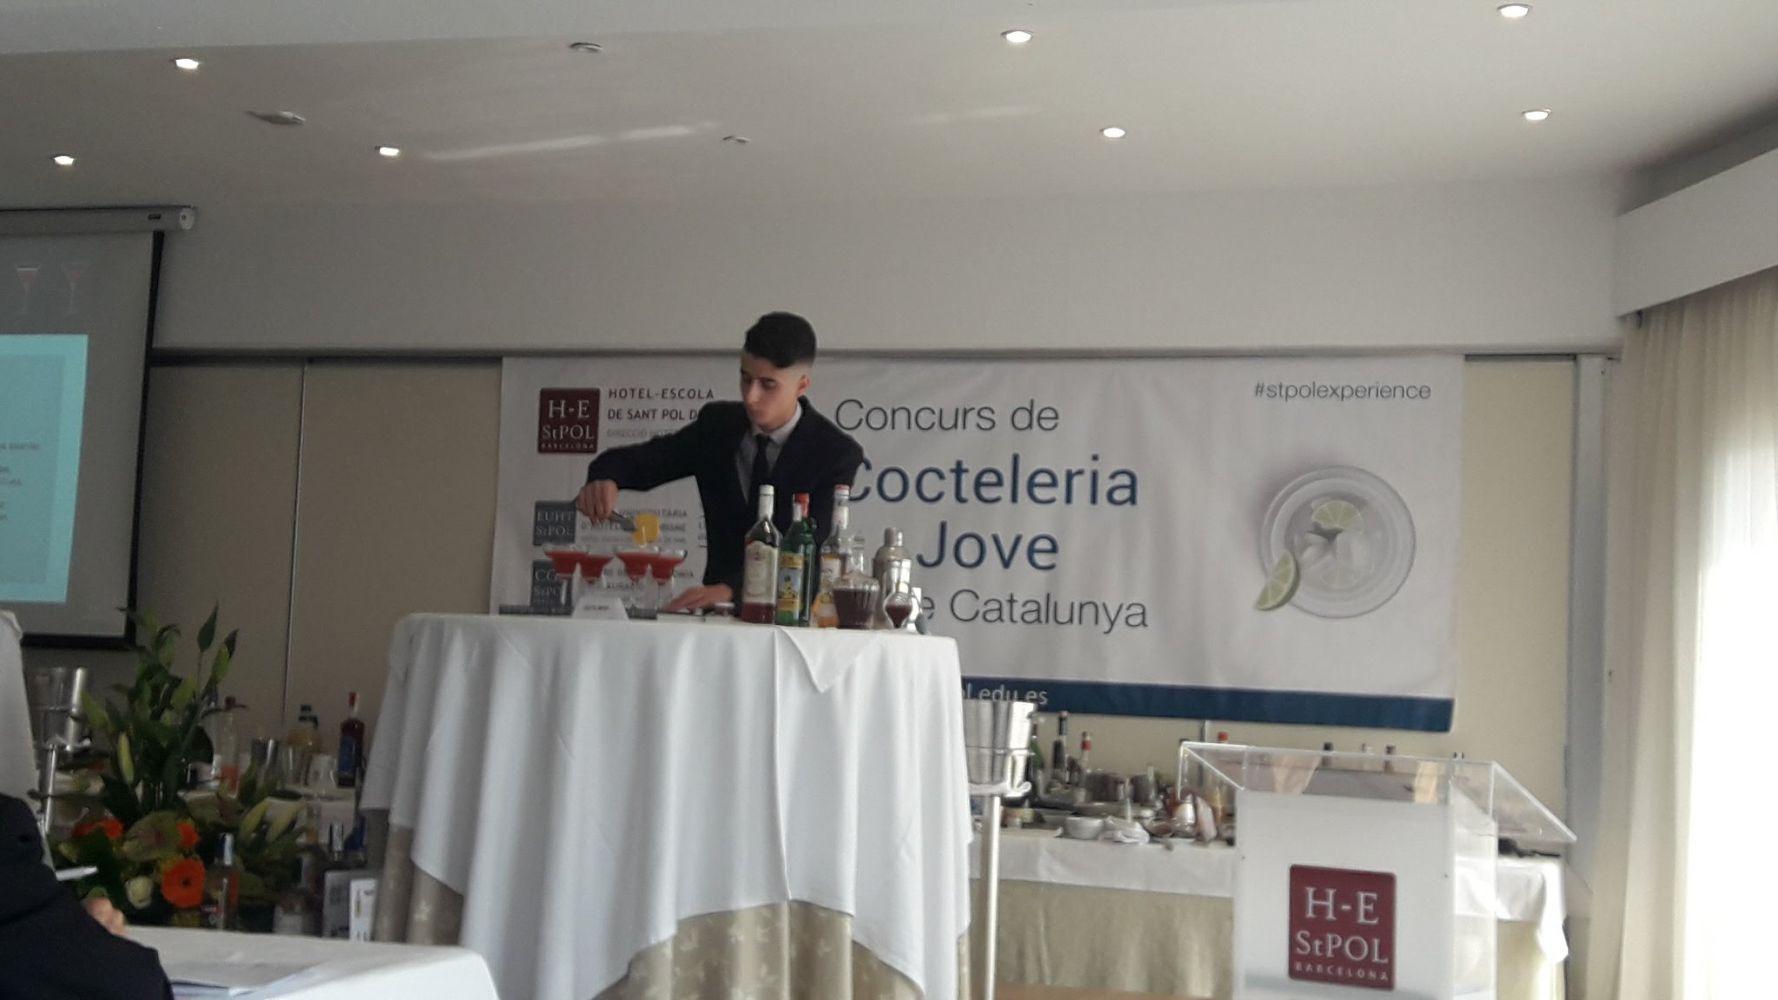 El joven David Torronteras se impuso con un combinado a partir de Gin Xoriguer.